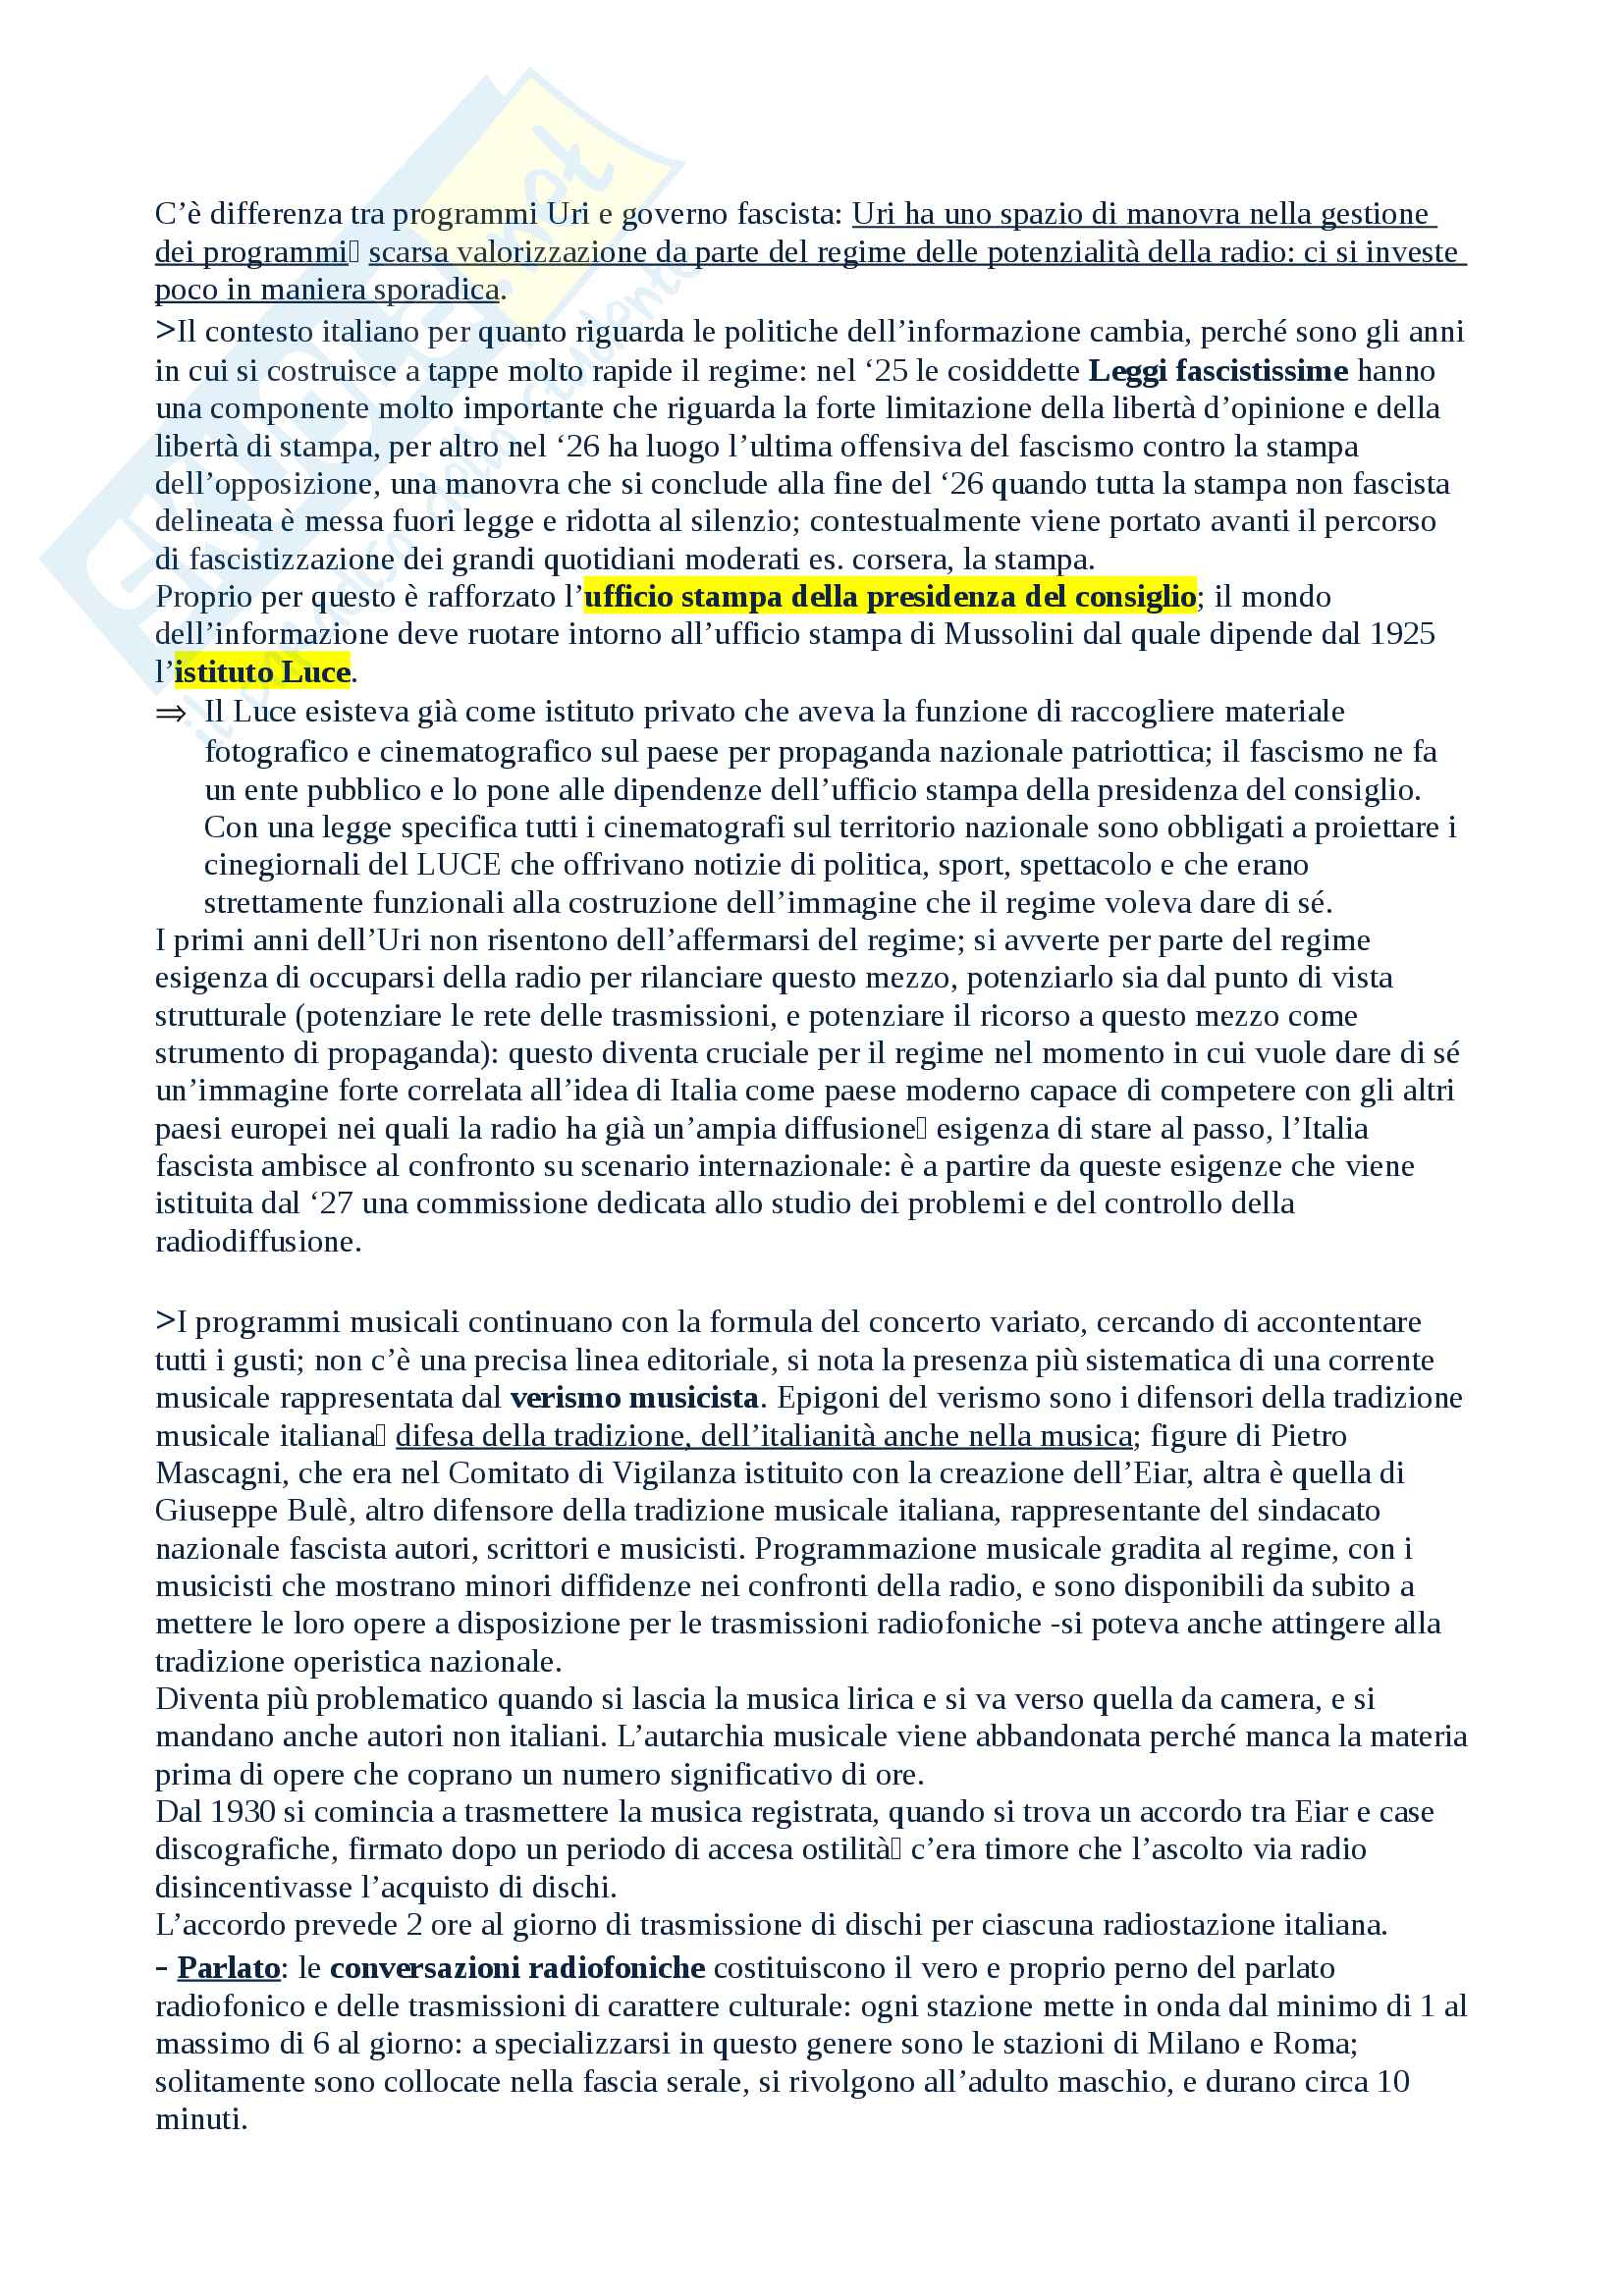 Salvatici Storia della radio e della televisione Pag. 11